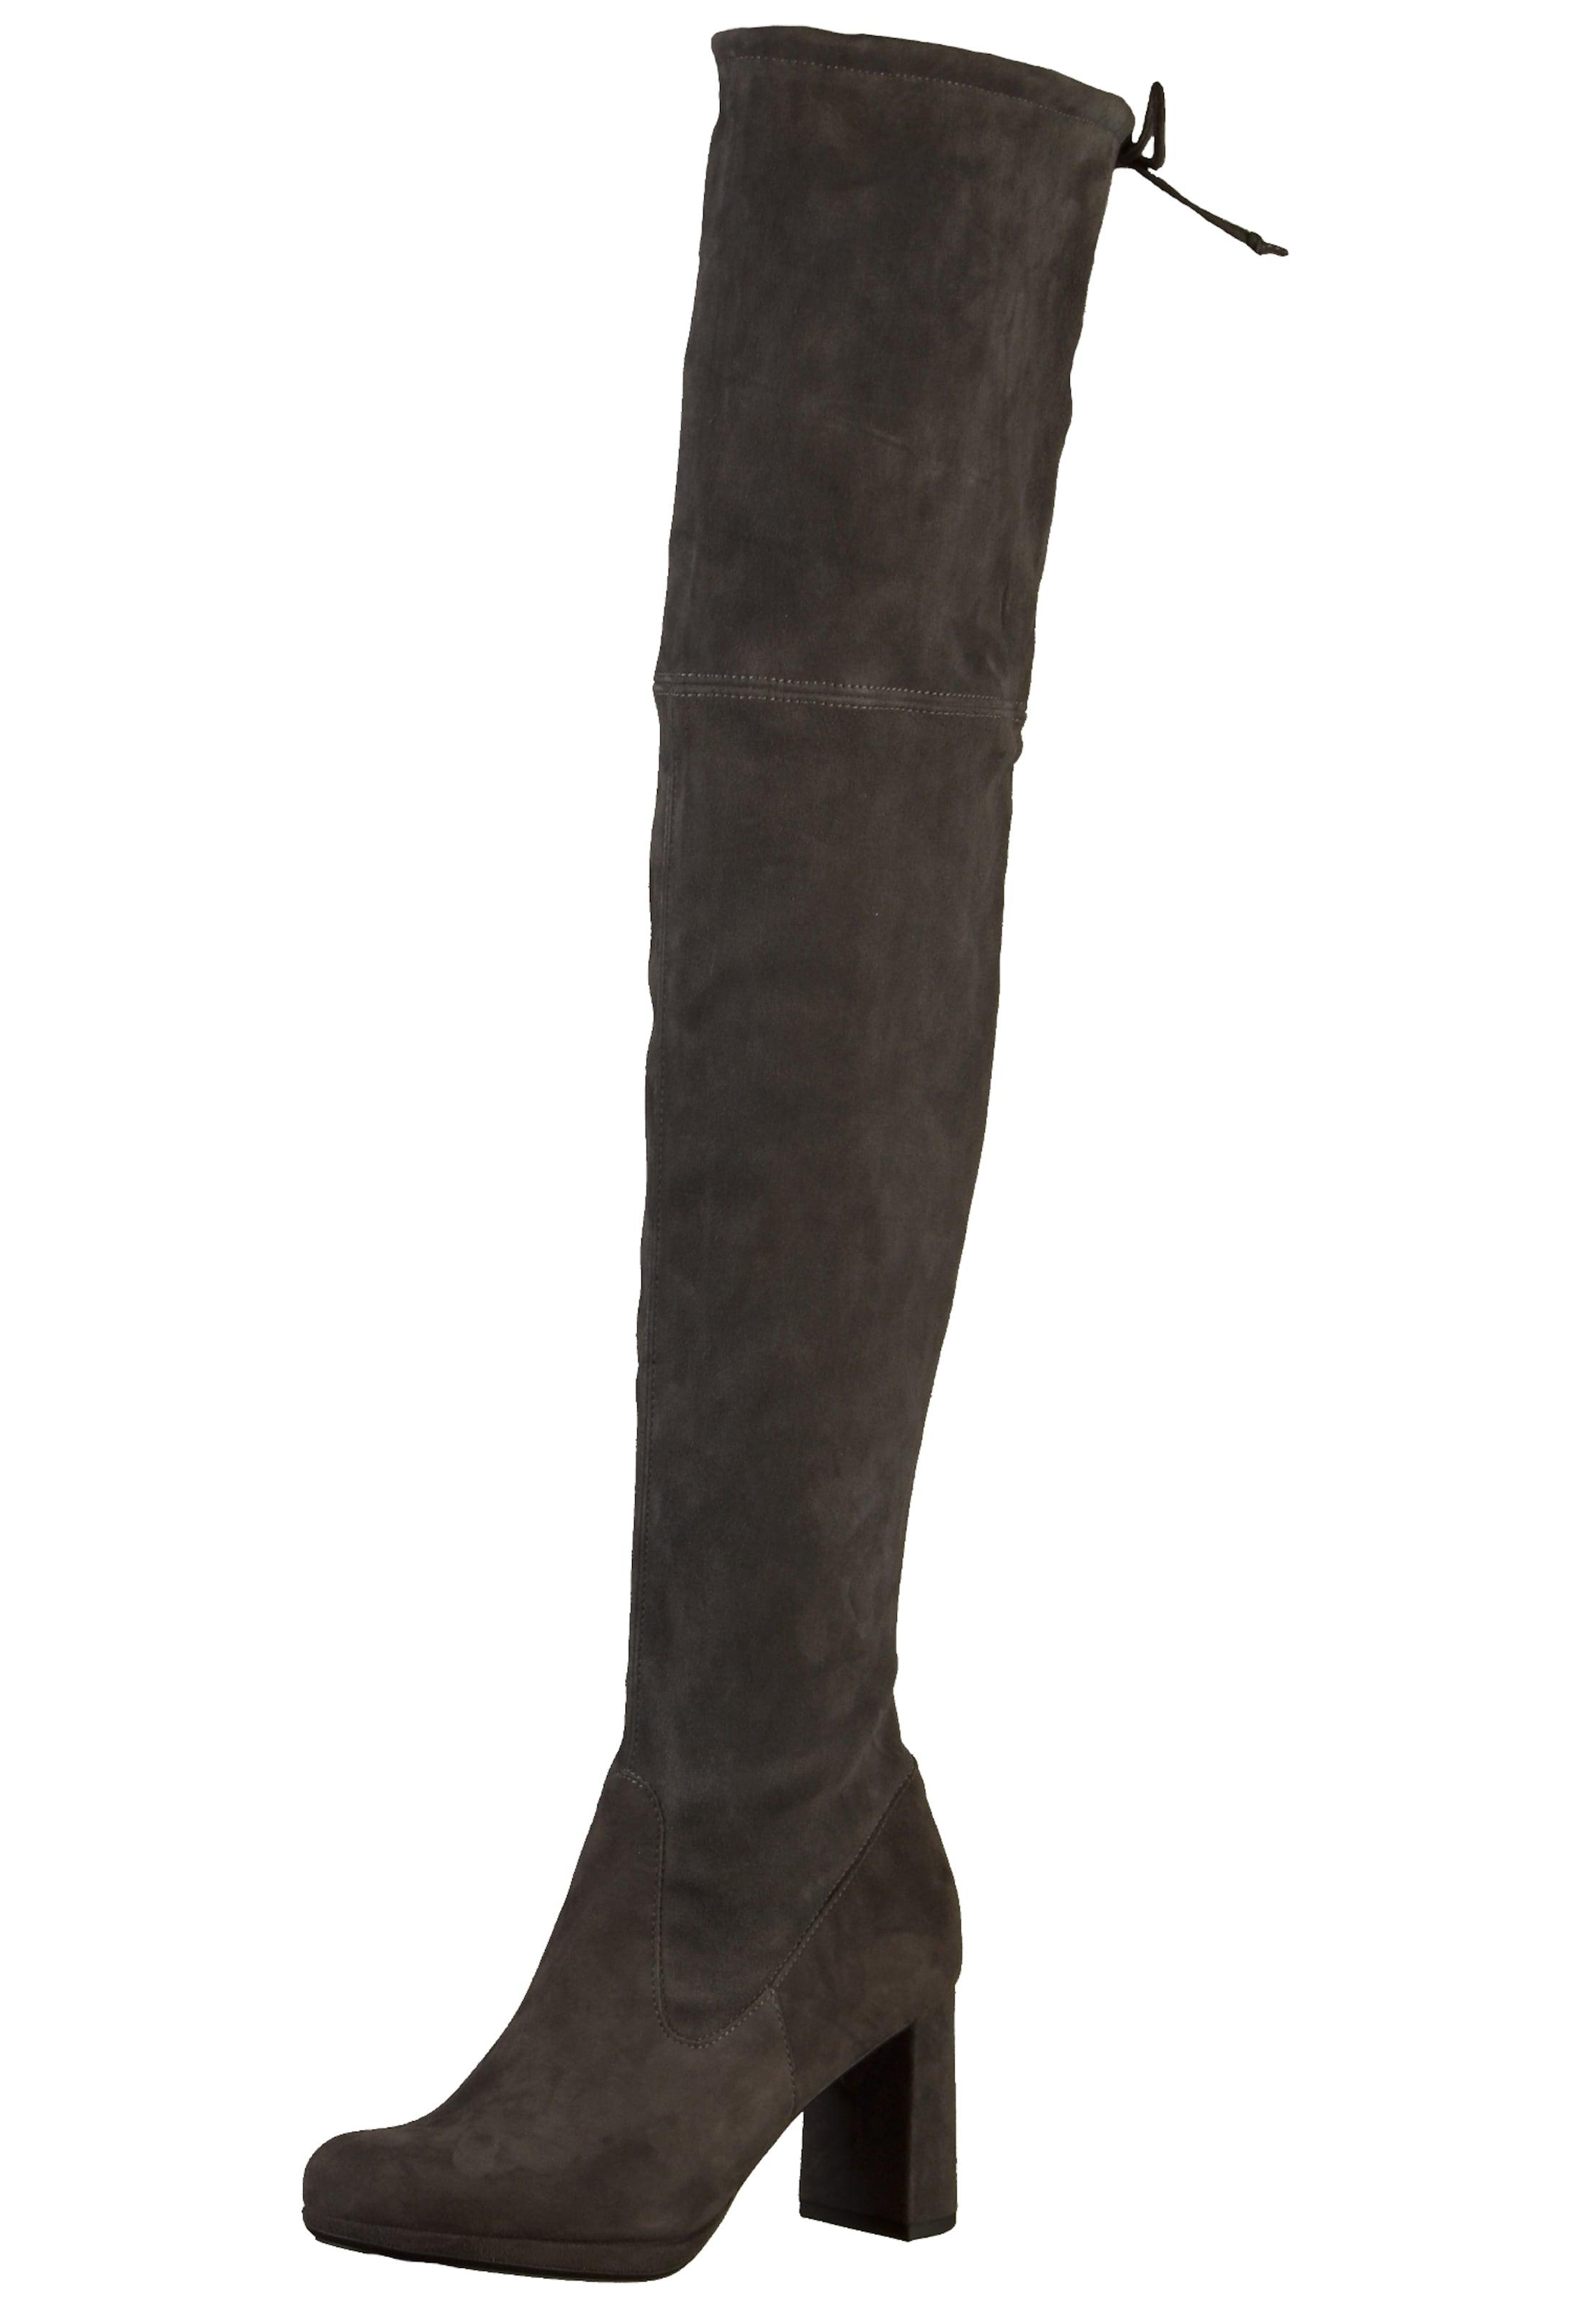 PETER KAISER Stiefel Günstige und langlebige Schuhe